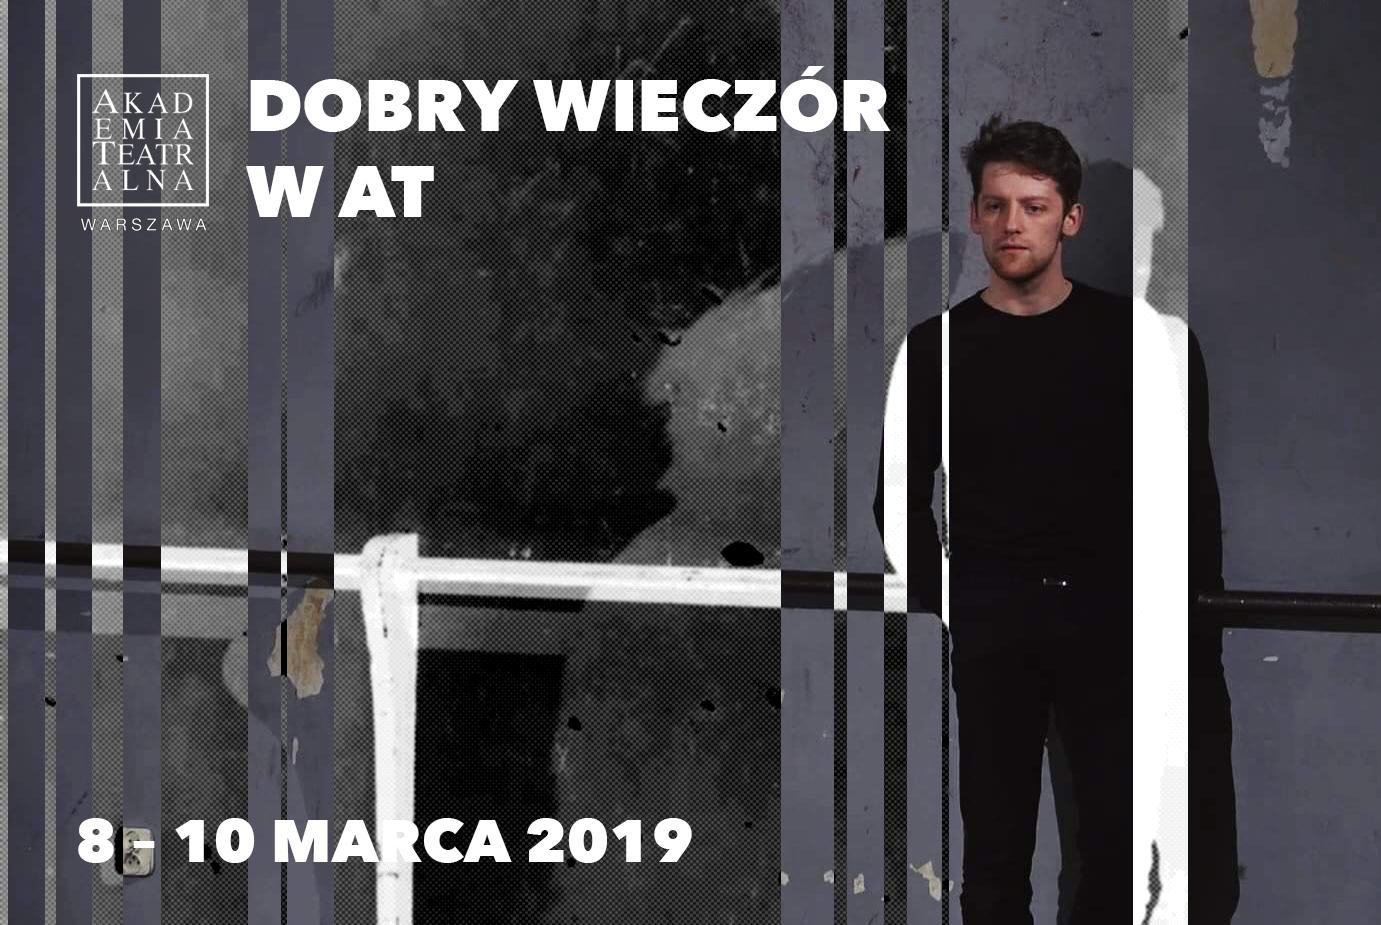 DOBRY WIECZÓR WAT | 2019